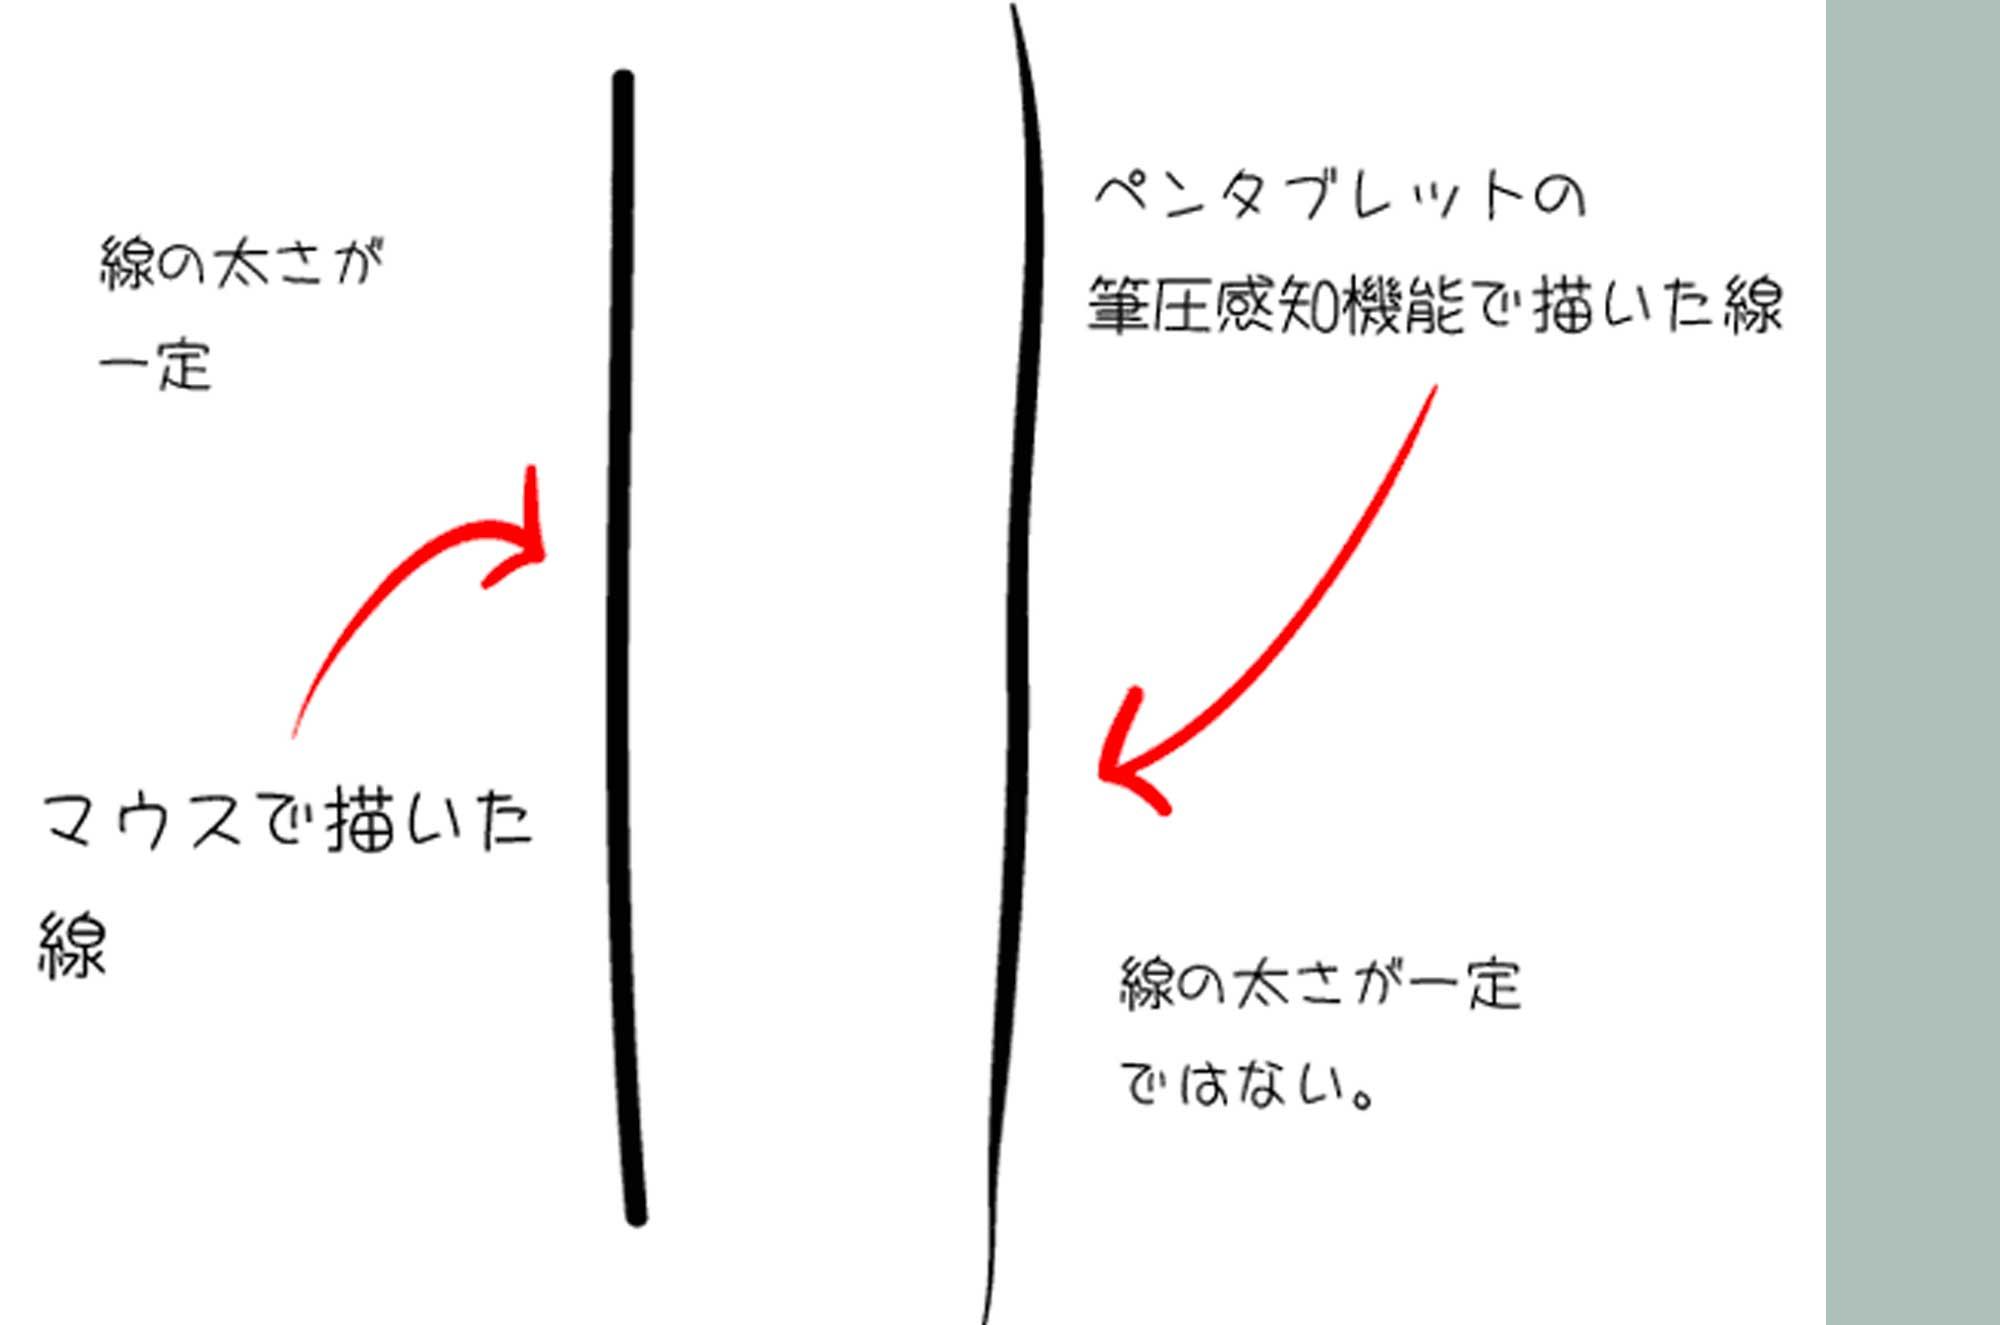 イラレの筆圧感知ブラシを利用したイラスト作成方法